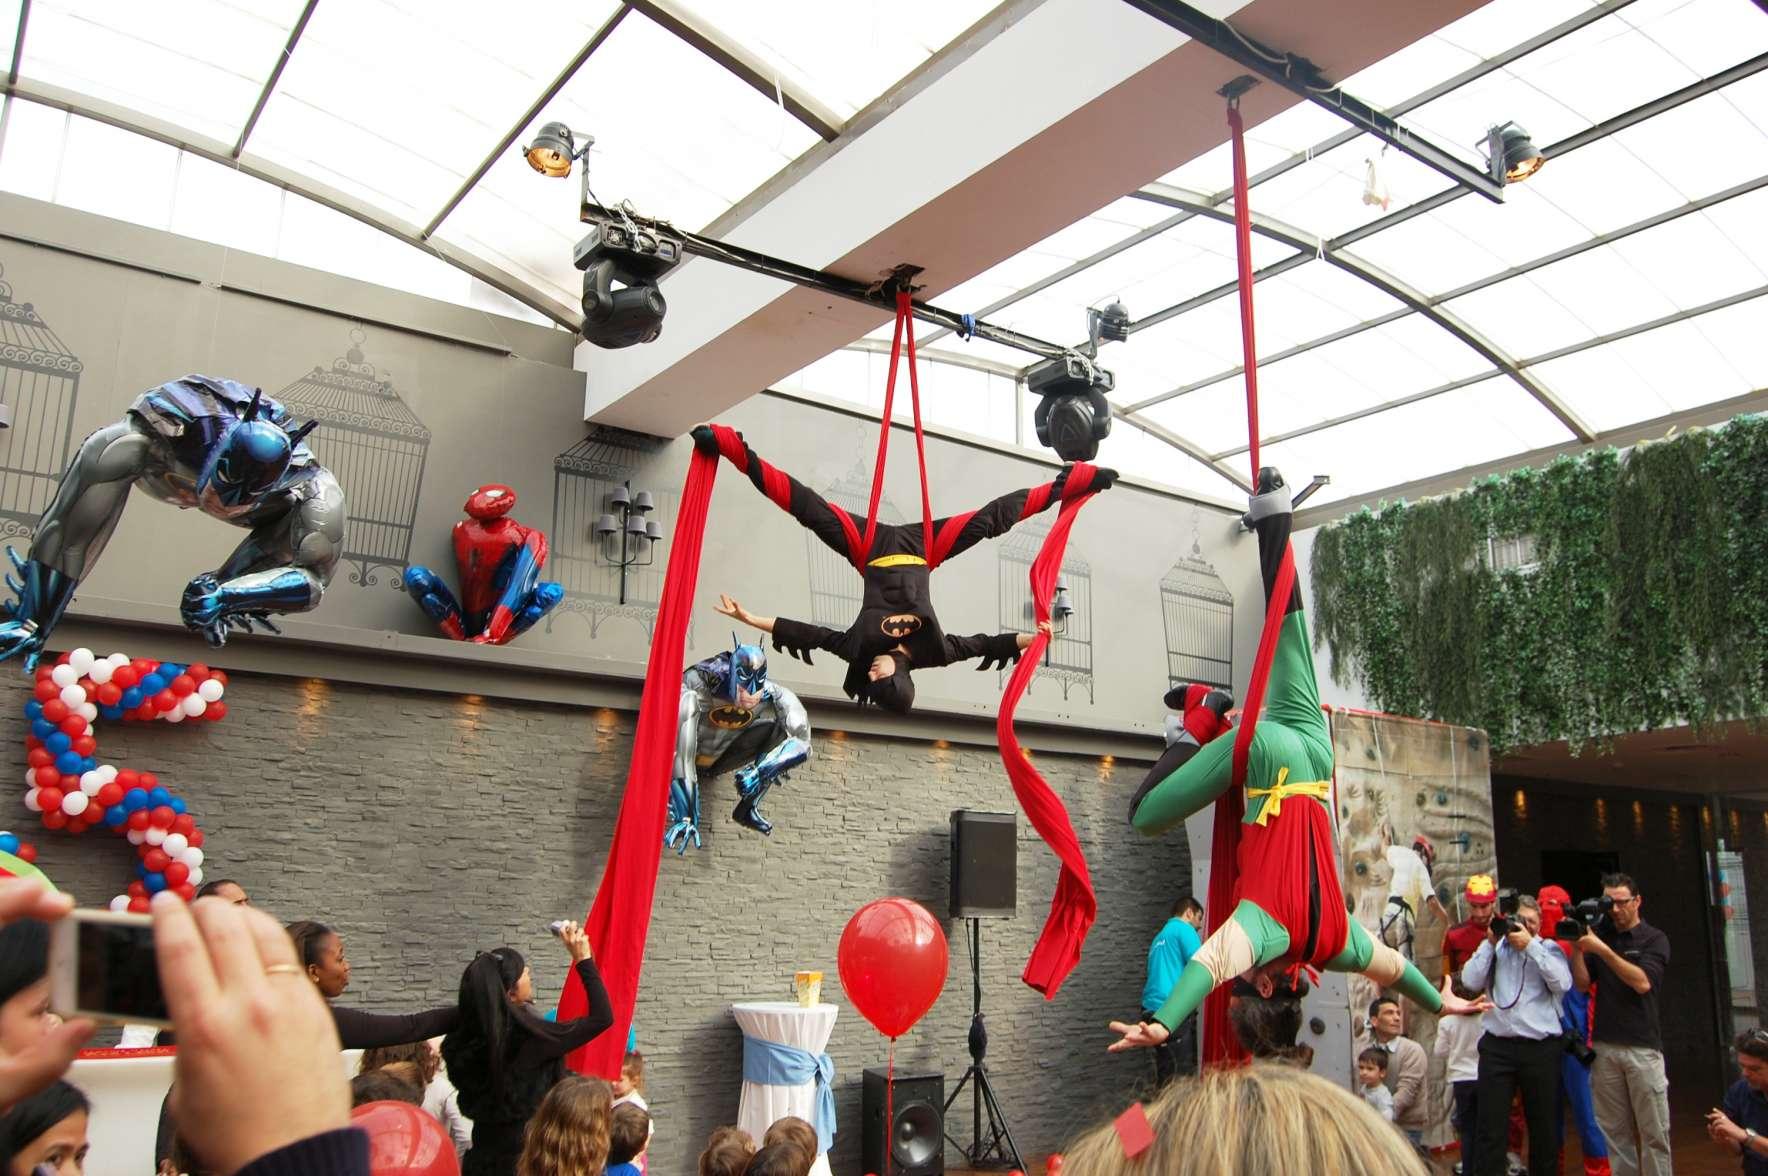 Ακροβάτες ντυμένοι Batman & Robin παρουσιάζουν εναέρια χορογραφία σε παιδικό πάρτυ με θέμα σούπερ ήρωες